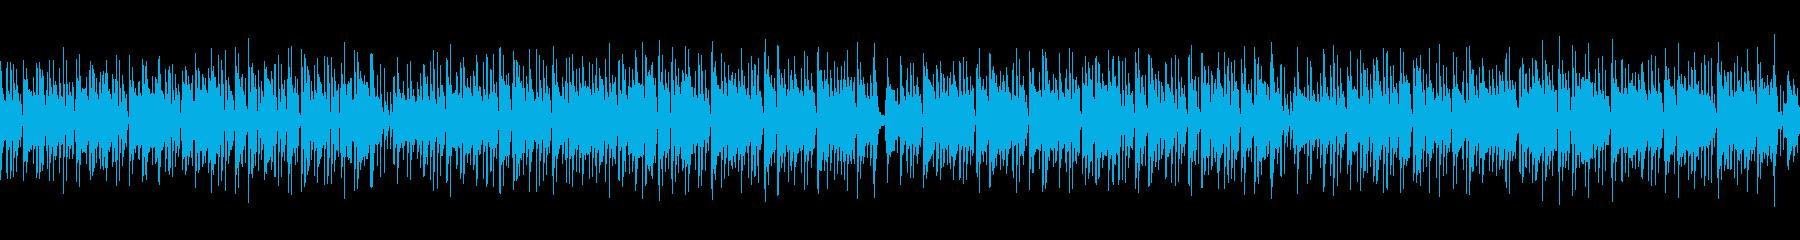 【メロなし・ループ】ギター生演奏ボサノバの再生済みの波形